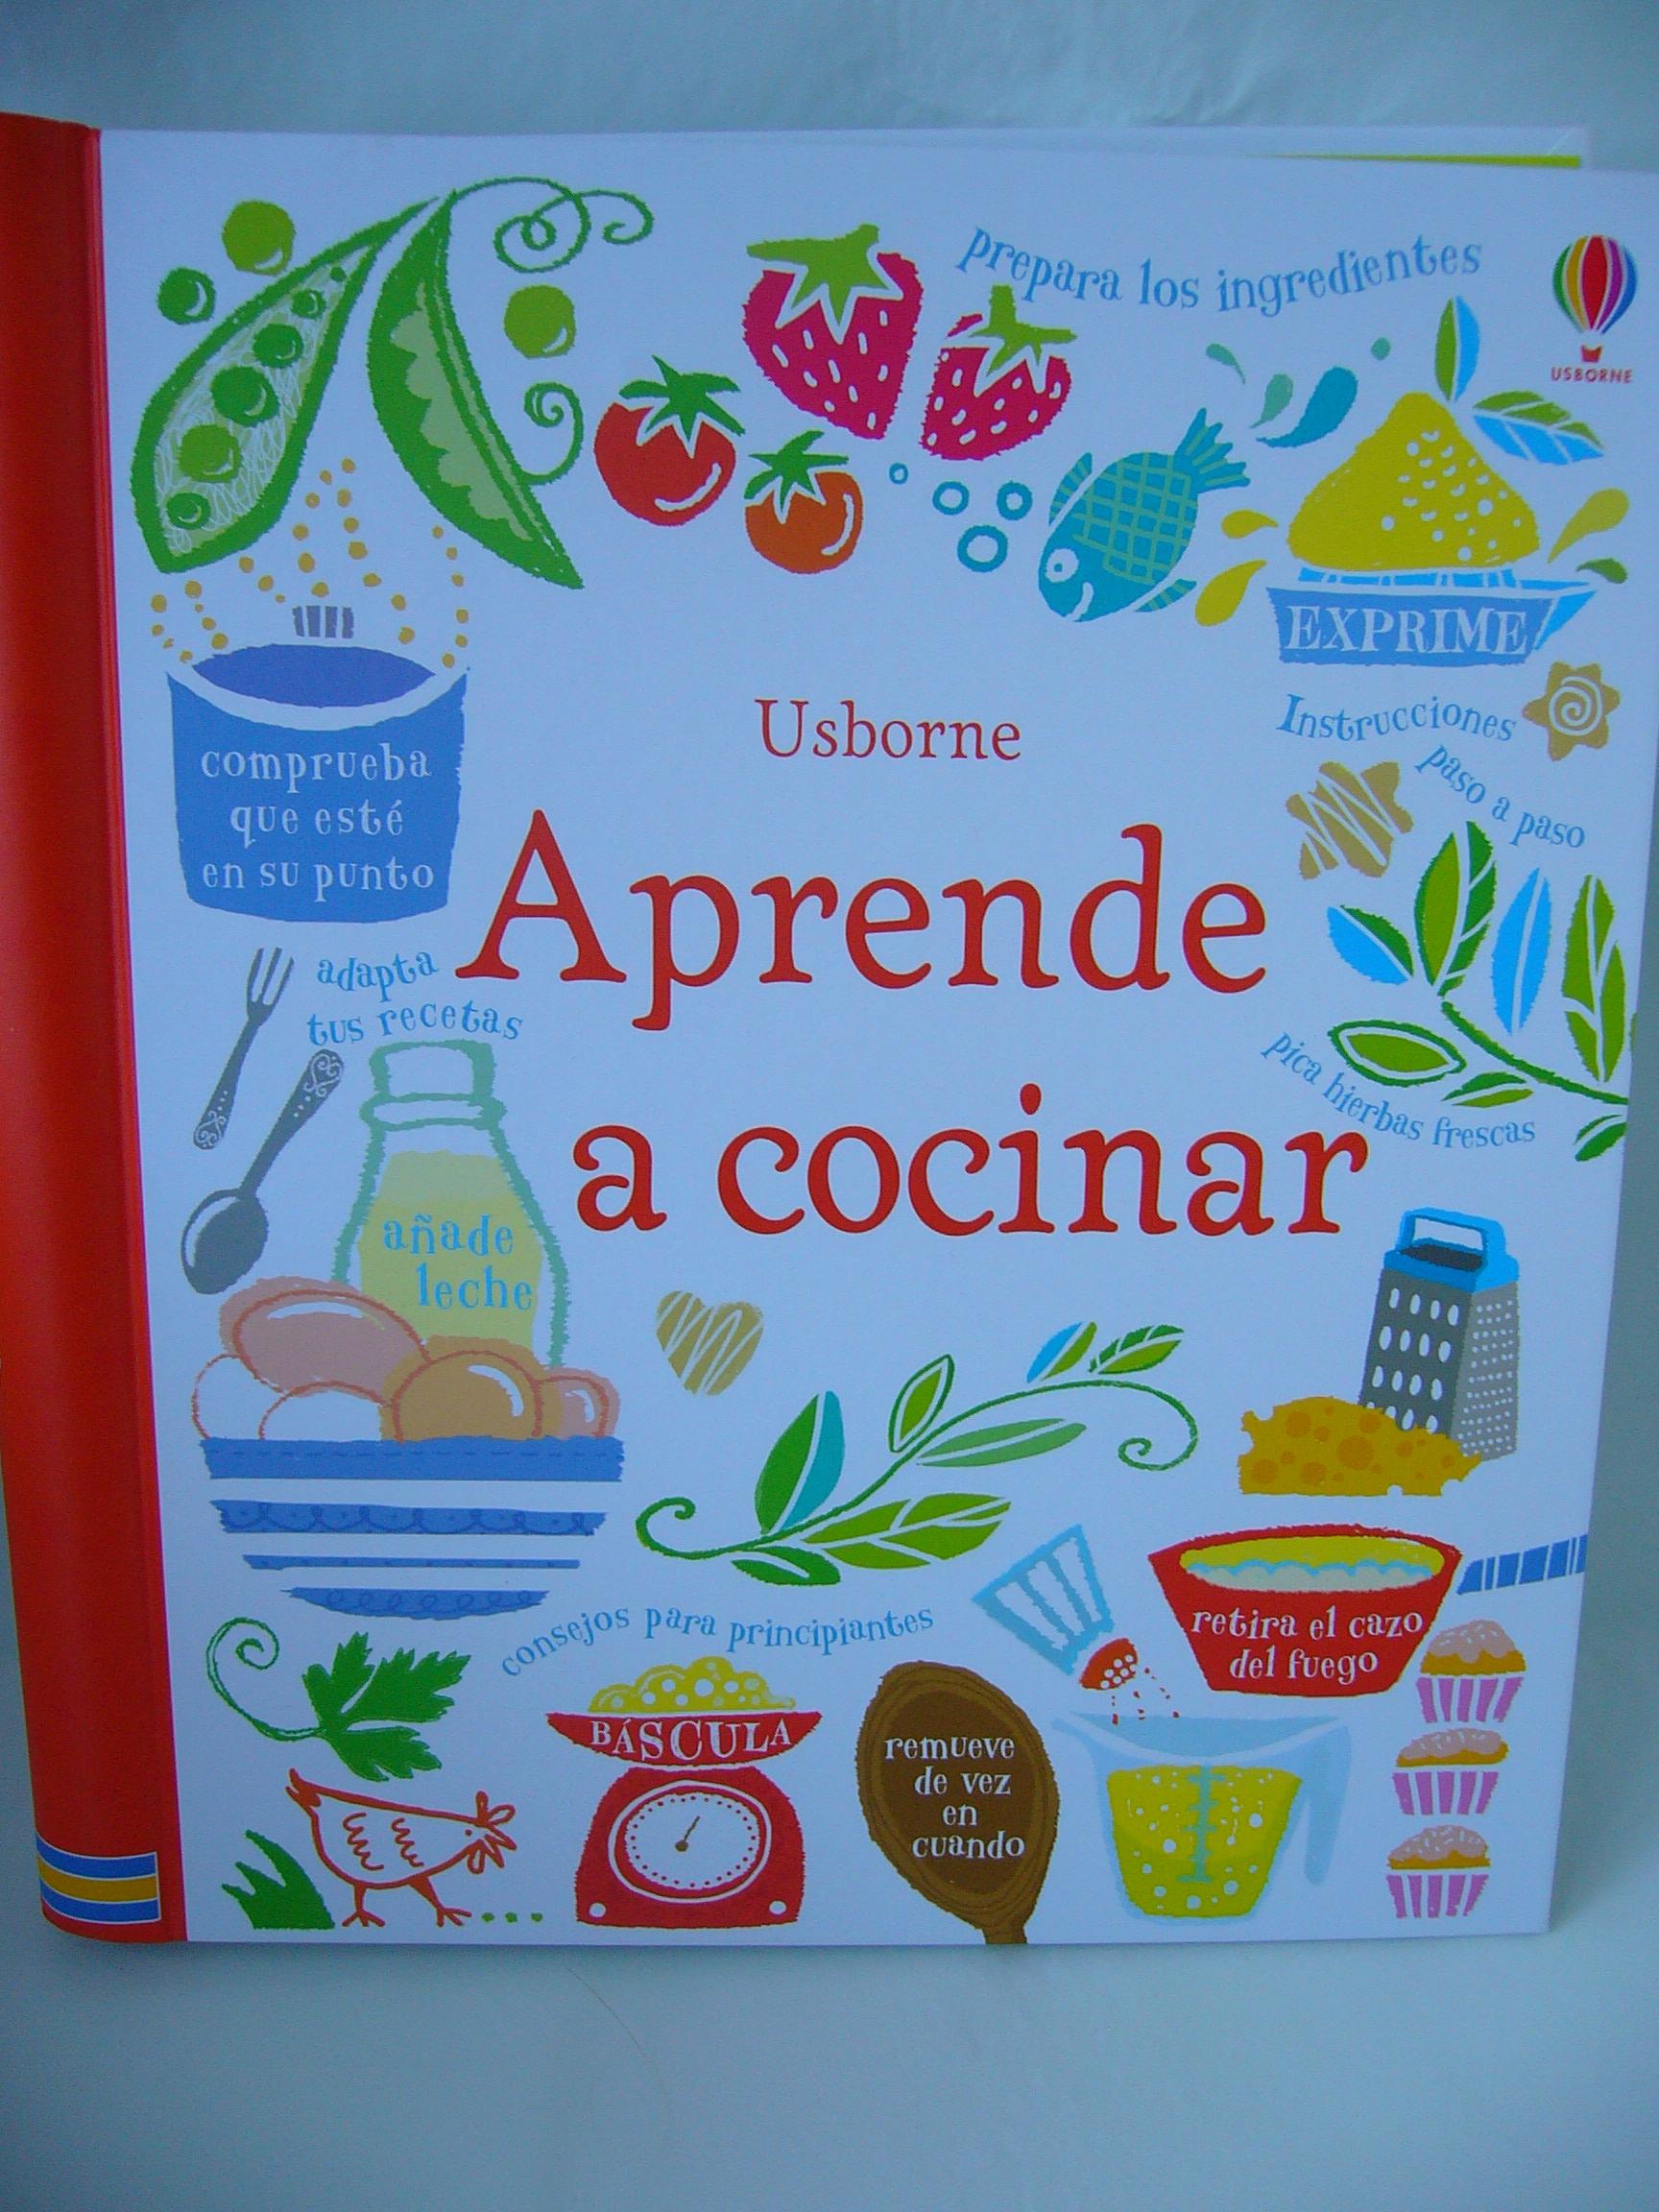 Usborne ideas y moda para ni os chic for Como aprender a cocinar